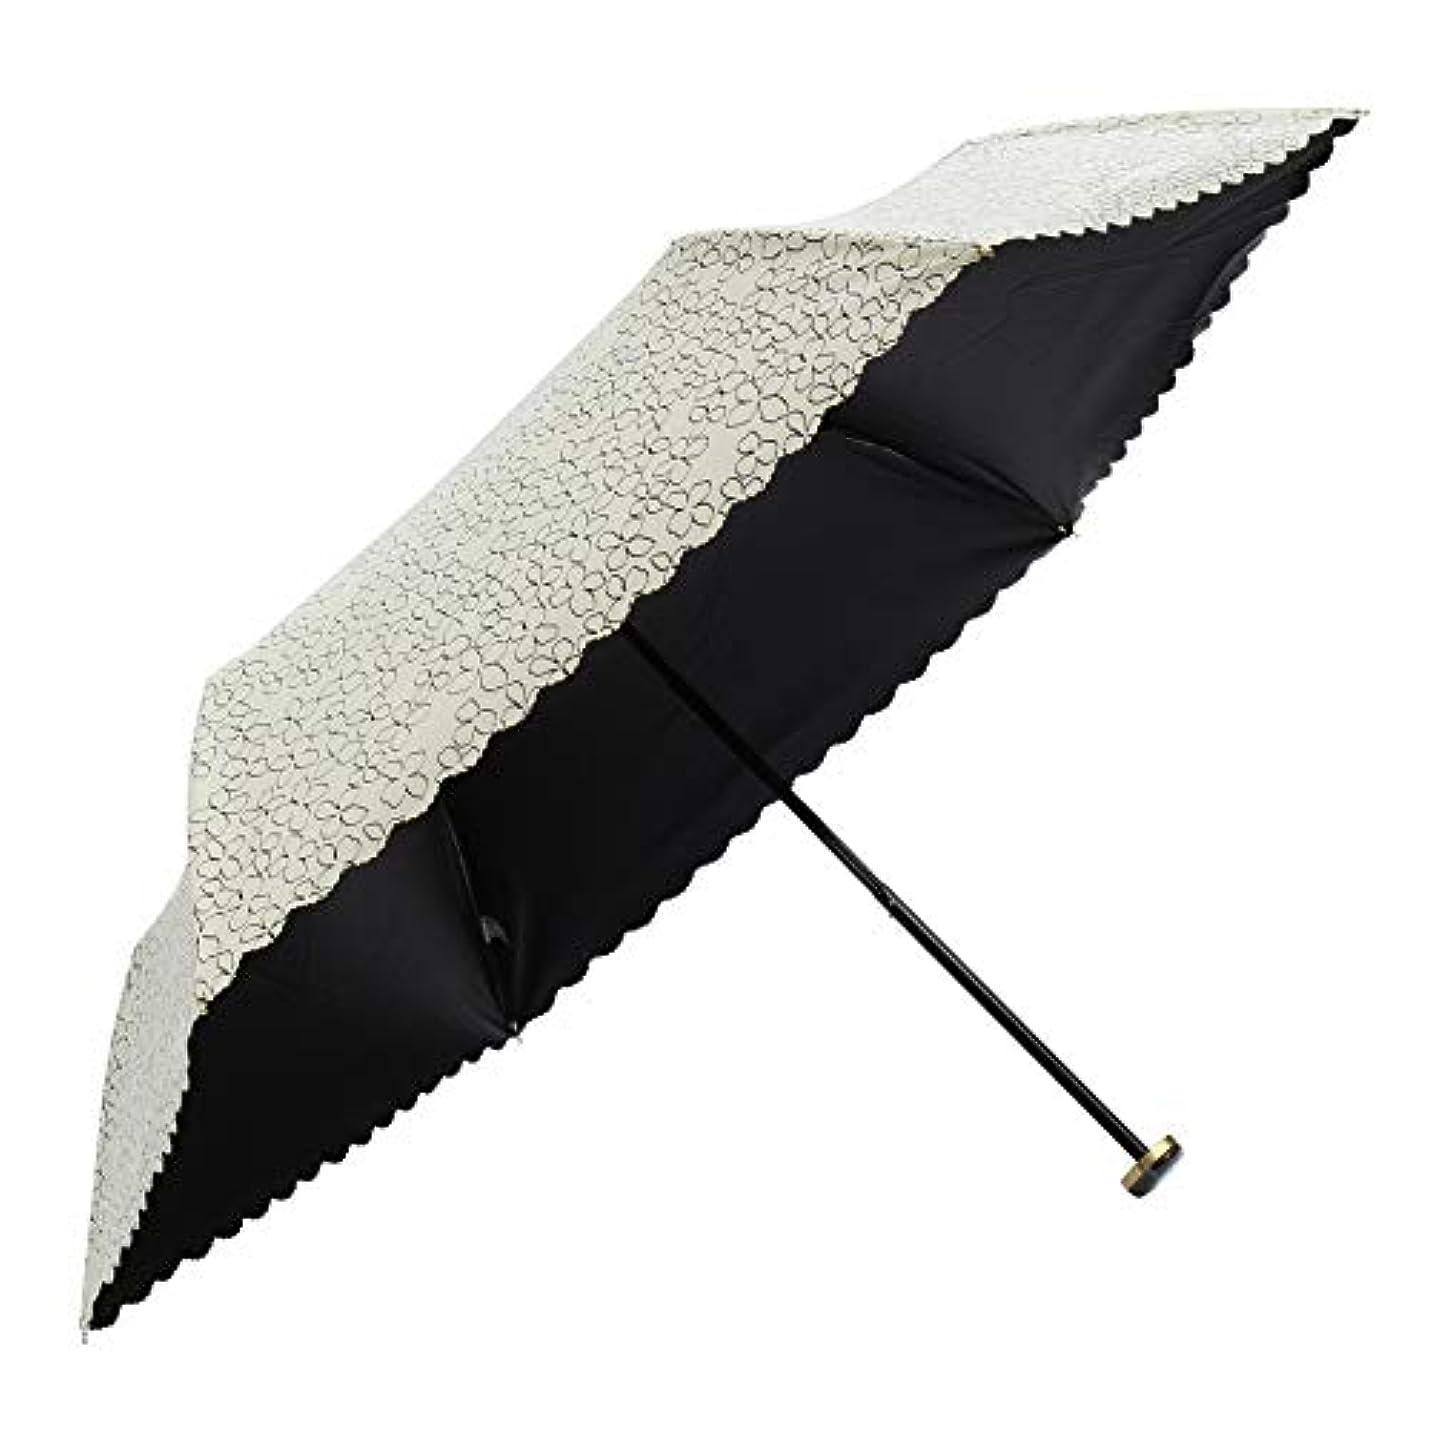 先祖バットありふれたa.s.s.a 日傘 折りたたみ uvカット 100 遮光 軽量 晴雨兼用 遮熱効果 UV 99.9%以上 3段伸縮 ミニ傘 50cm 花柄 フローラ(FM148)